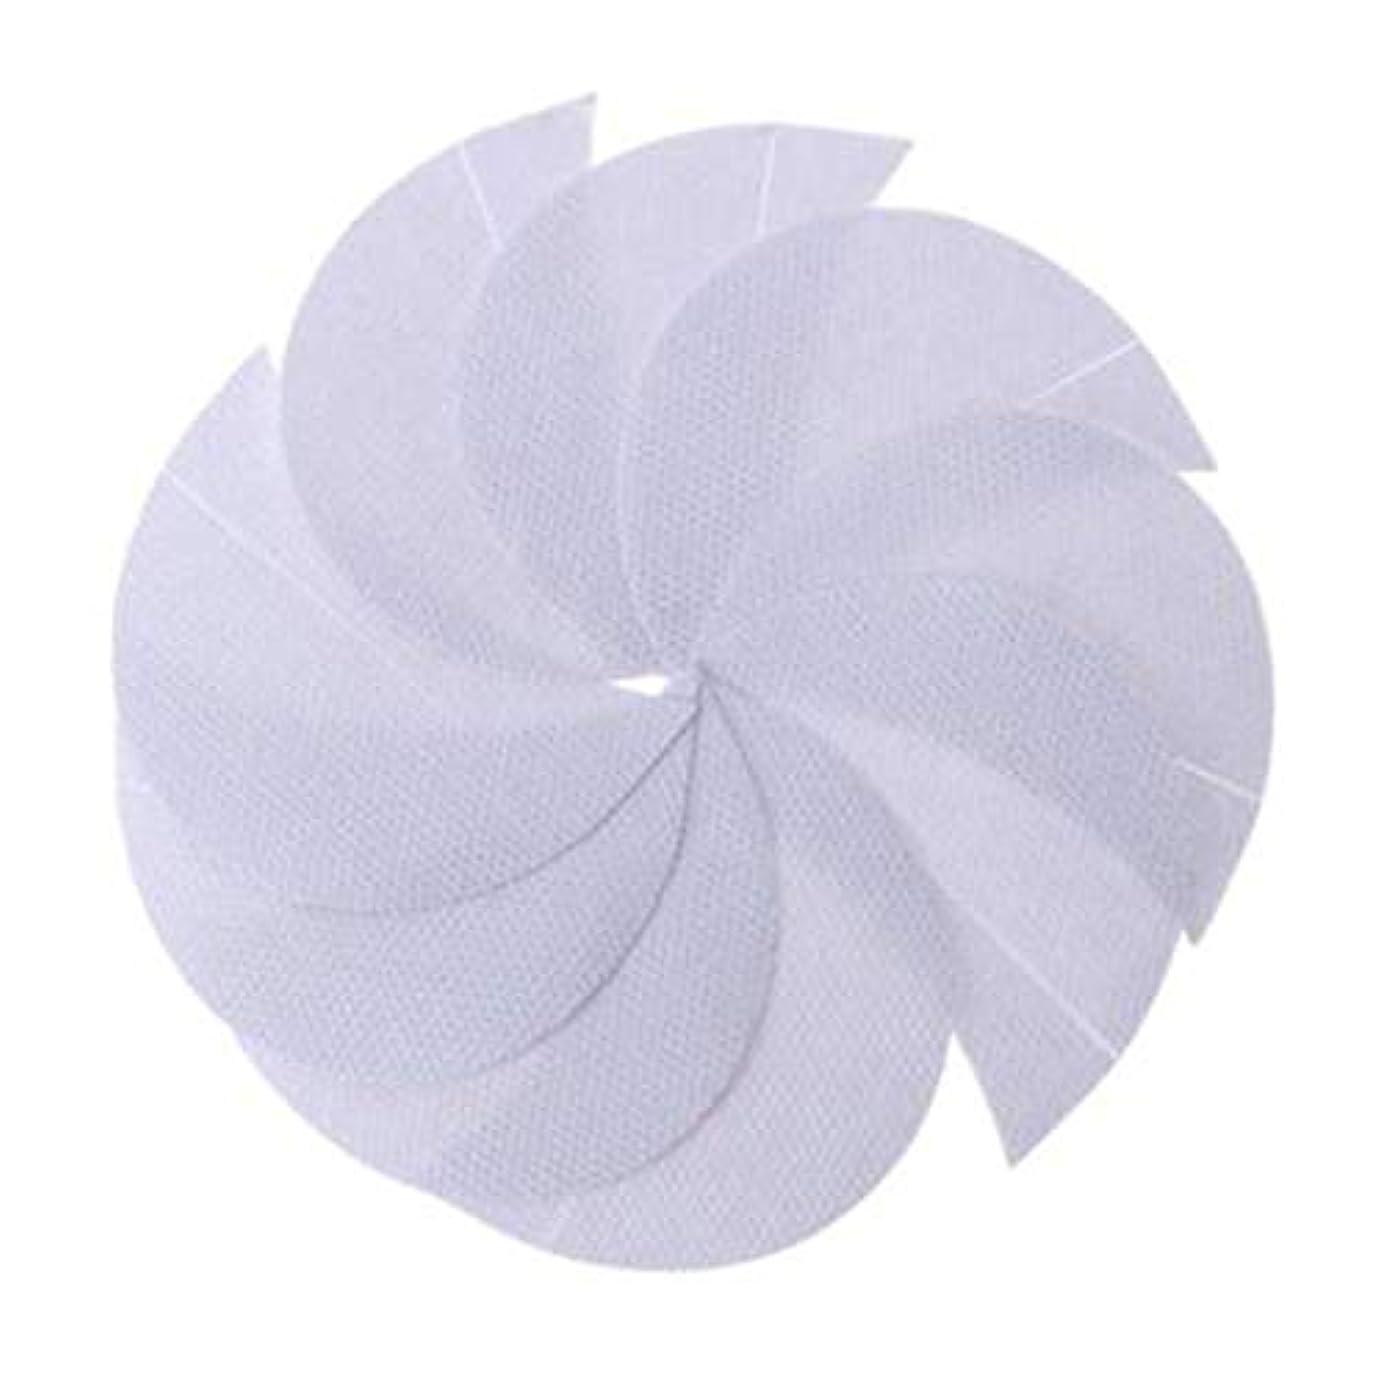 平和的援助隠すRabugogo 100個/袋不織布アイシャドーシールドアイシャドージェルパッドパッチアイシャドーステンシル防止まつげエクステ化粧品残留物